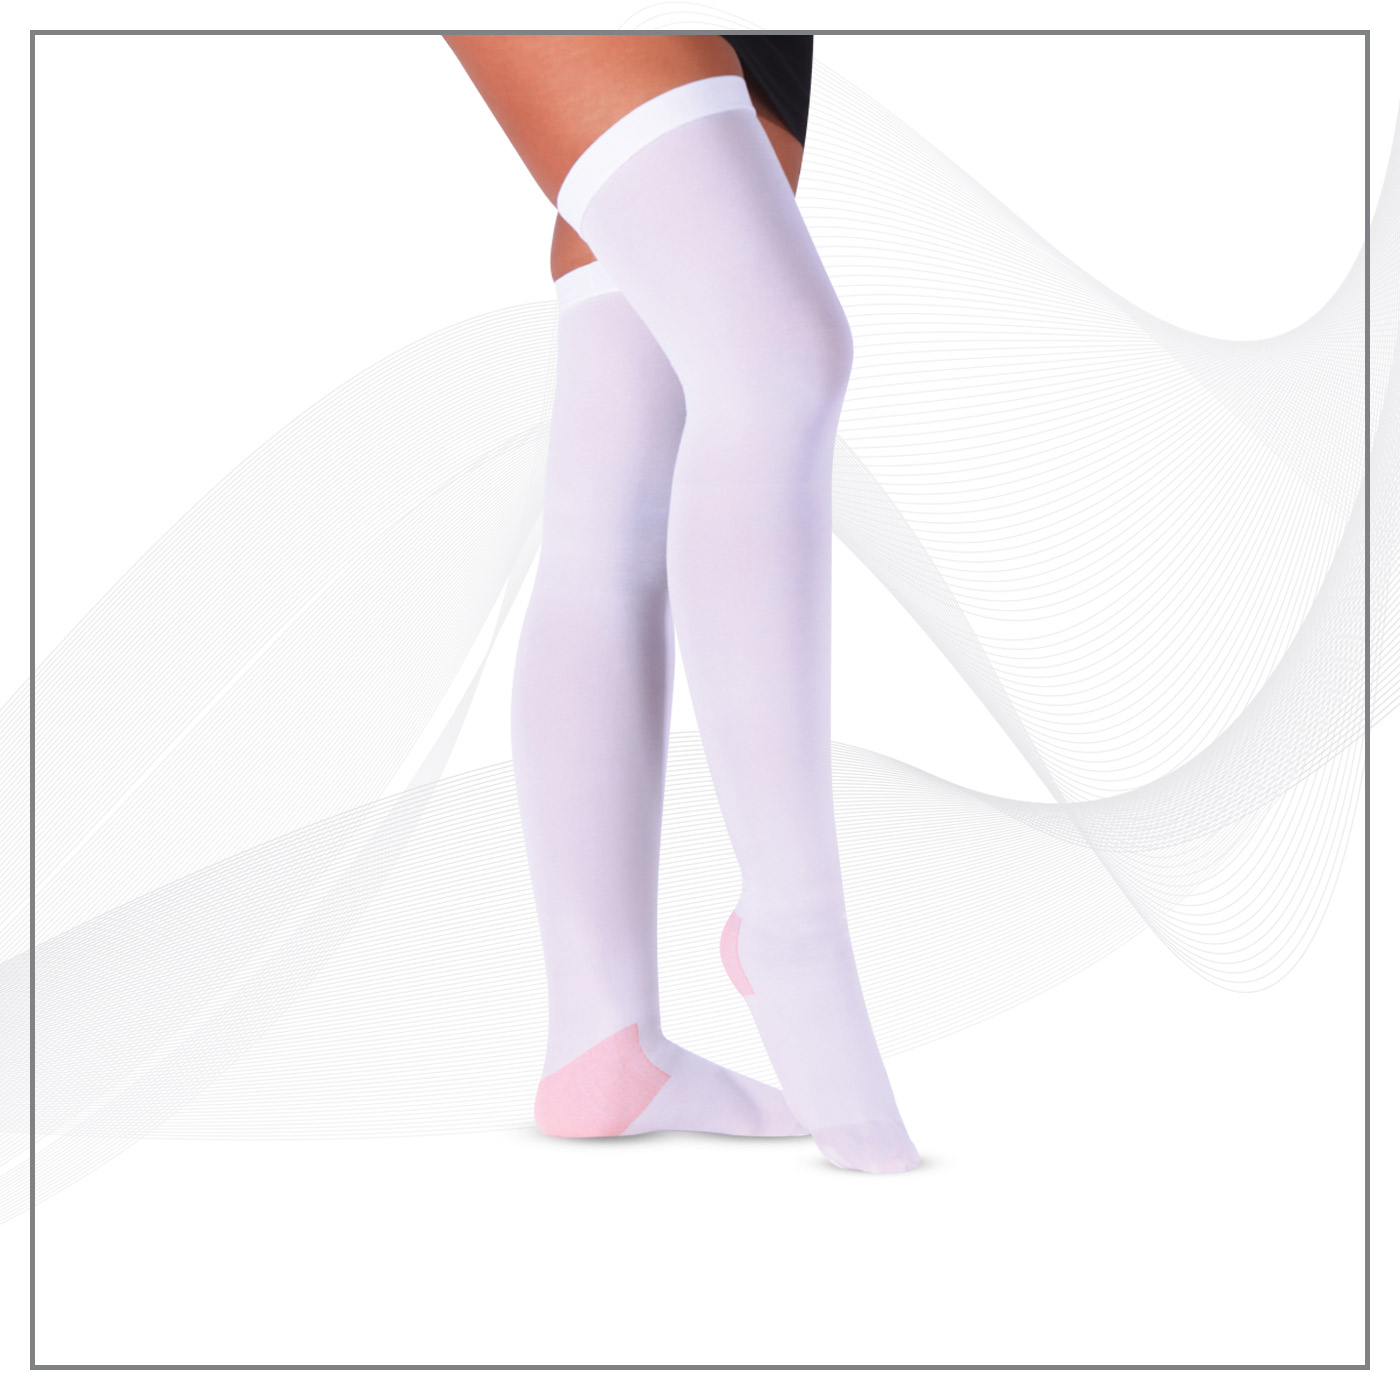 Abc Tıp Sağlık Medikal Çoraplar MS400 200